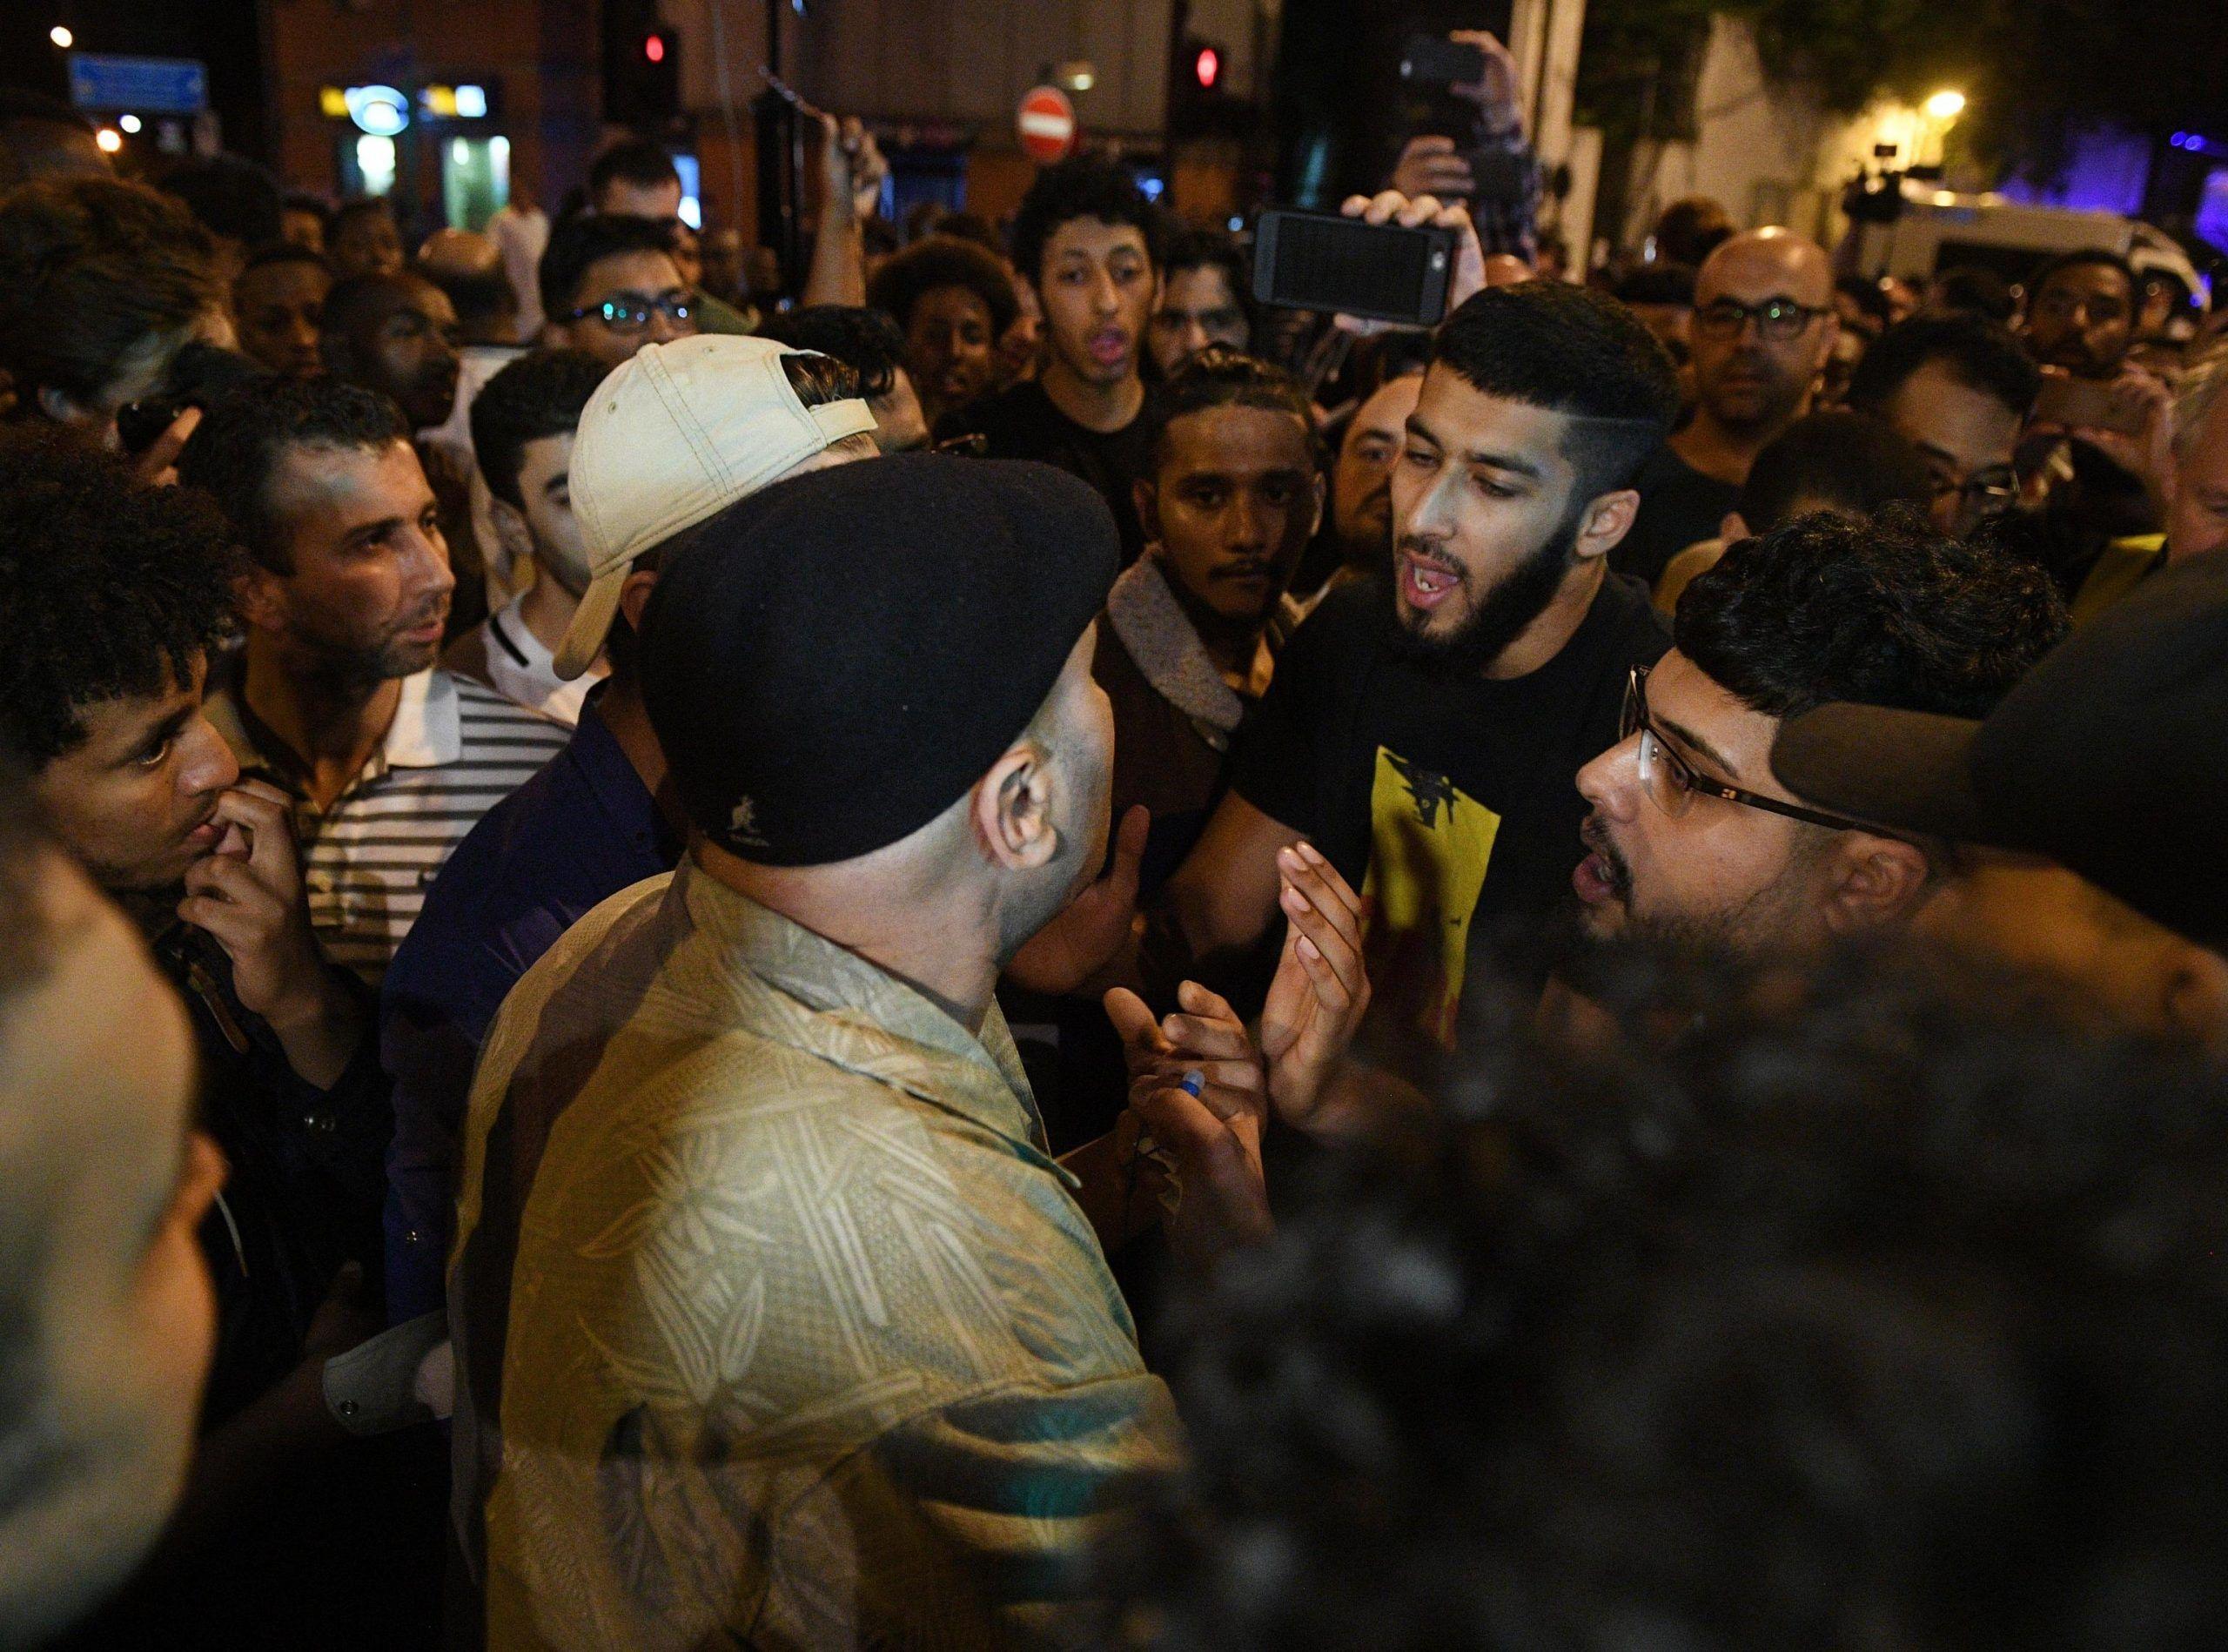 Attentato Londra, furgone contro fedeli vicino moschea: un morto e 10 feriti, arrestato un uomo bianco di 48 anni